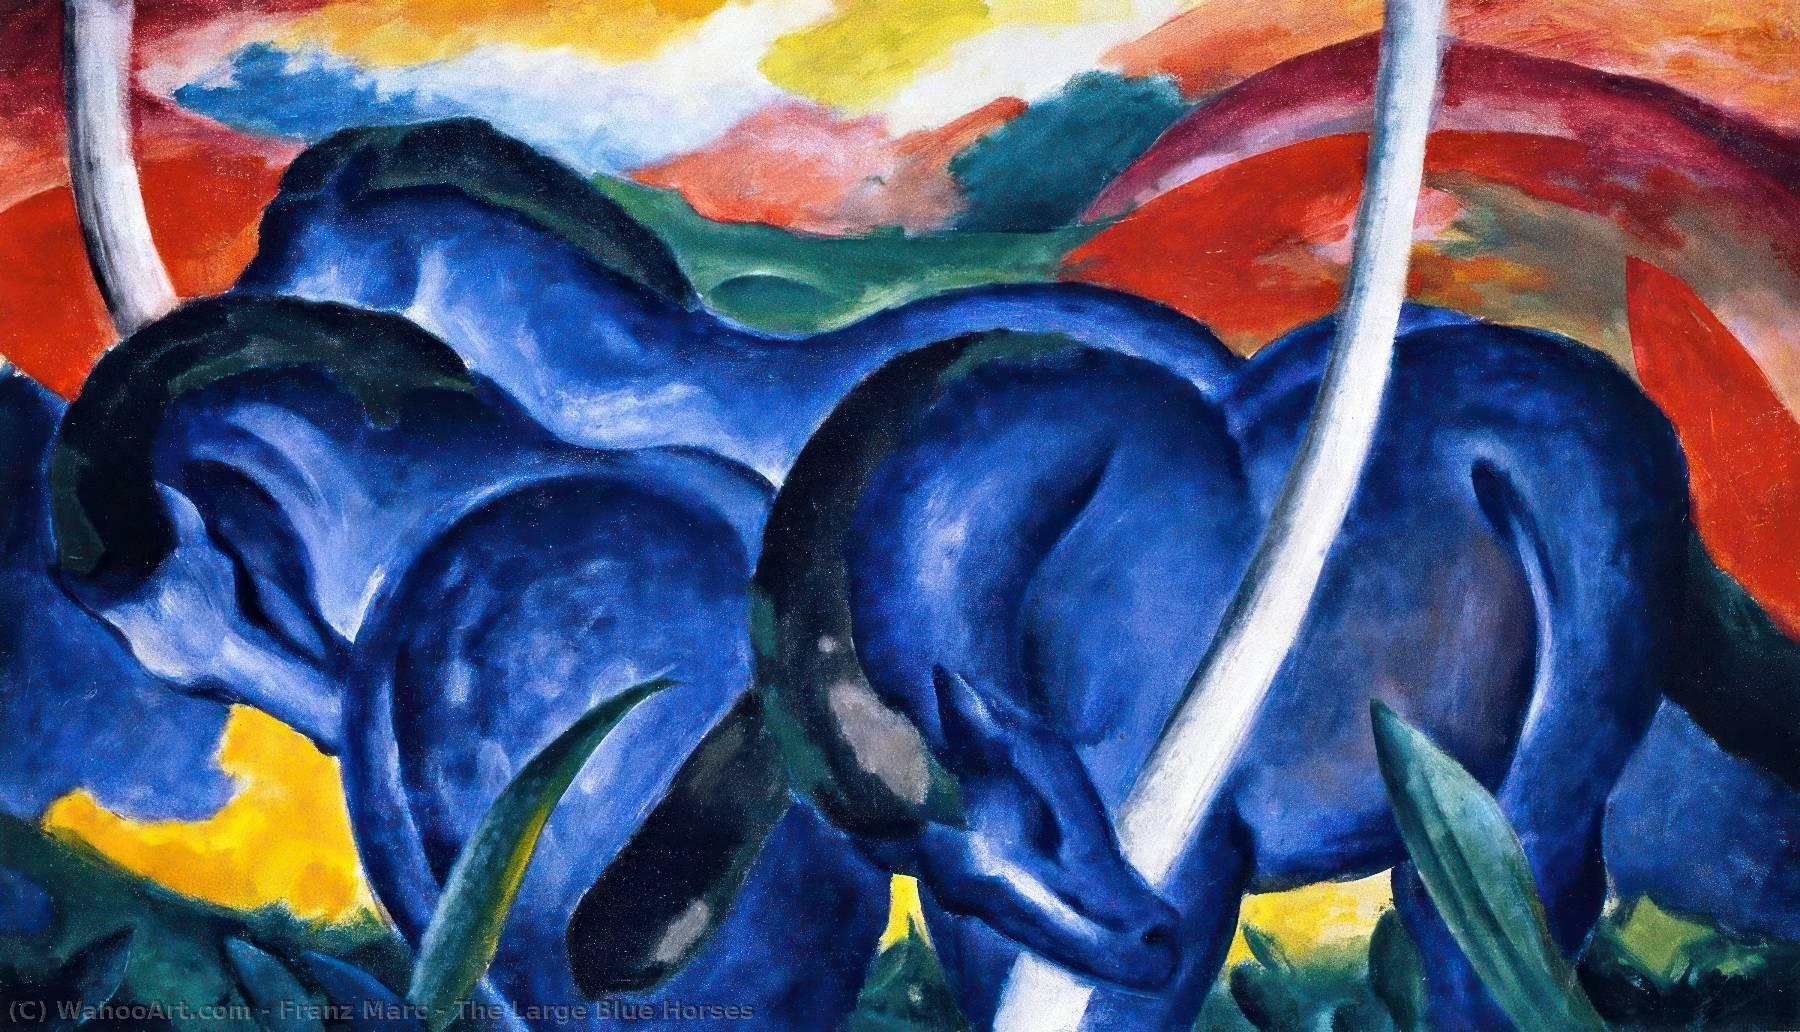 Eccezionale il di grandi dimensioni blu cavalli, olio su tela di Franz Marc  FX85